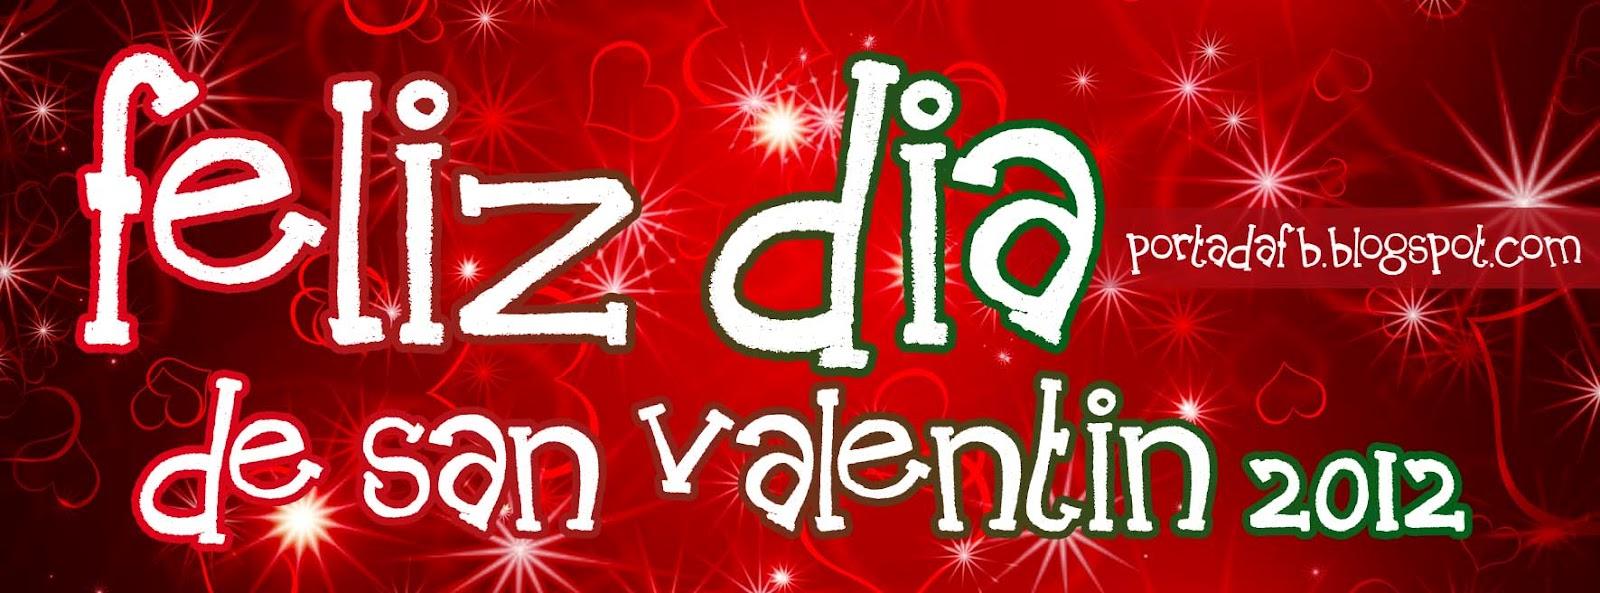 Portadas de San Valentin para facebook 2013 - Portadas